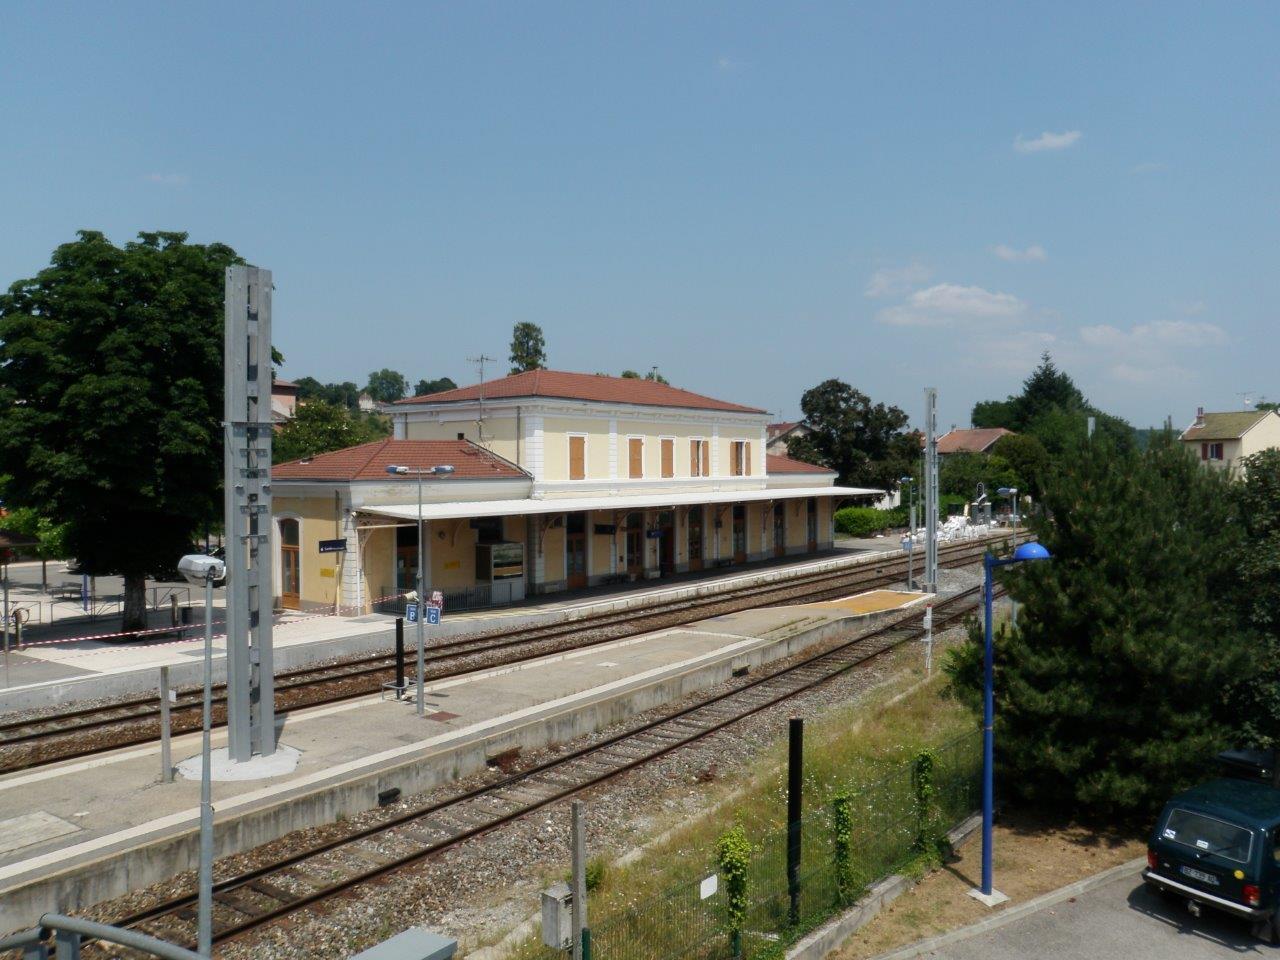 gare-de-saint-marcellin-isere-train-station